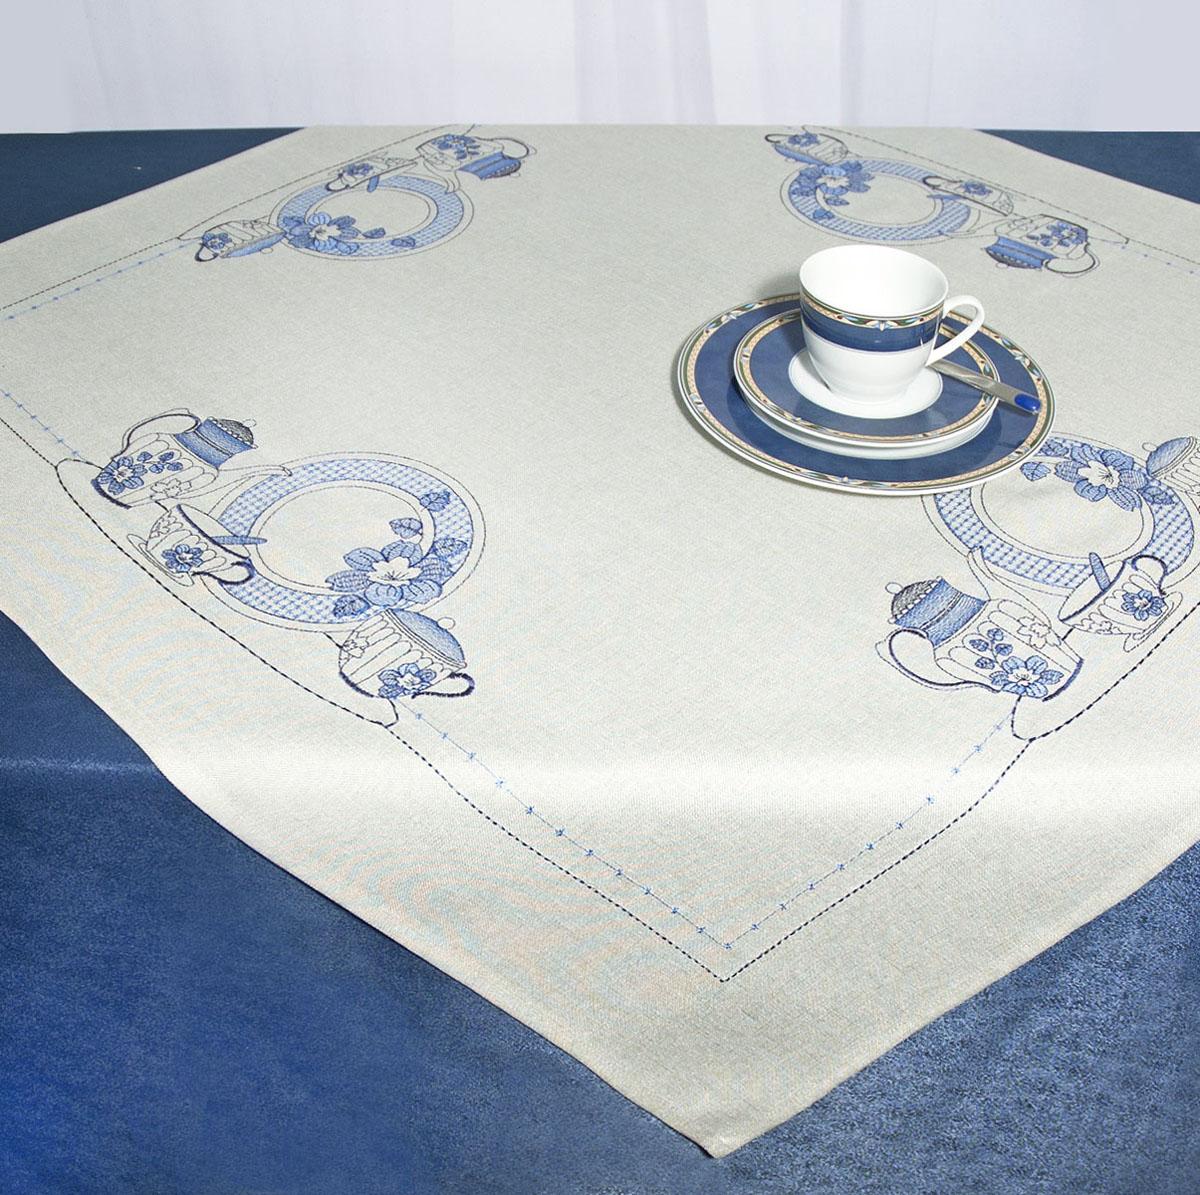 Скатерть Schaefer, квадратная, цвет: серый, 85 x 85 см. 07480-10007480-100Скатерть Schaefer изготовлена из полиэстера и украшена вышивкой в виде чайников, тарелок и др. Изделия из полиэстера легко стирать: они не мнутся, не садятся и быстро сохнут, они более долговечны, чем изделия из натуральных волокон. Кроме того, ткань обладает водоотталкивающими свойствами. Такая скатерть будет просто не заменима на кухне, а особенно на вашем обеденном столе на даче под открытым небом. Скатерть Schaefer не останется без внимания ваших гостей, а вас будет ежедневно радовать ярким дизайном и несравненным качеством. Немецкая компания Schaefer создана в 1921 году. На протяжении всего времени существования она создает уникальные коллекции домашнего текстиля для гостиных, спален, кухонь и ванных комнат. Дизайнерские идеи немецких художников компании Schaefer воплощаются в текстильных изделиях, которые сделают ваш дом красивее и уютнее и не останутся незамеченными вашими гостями. Дарите себе и близким красоту каждый...